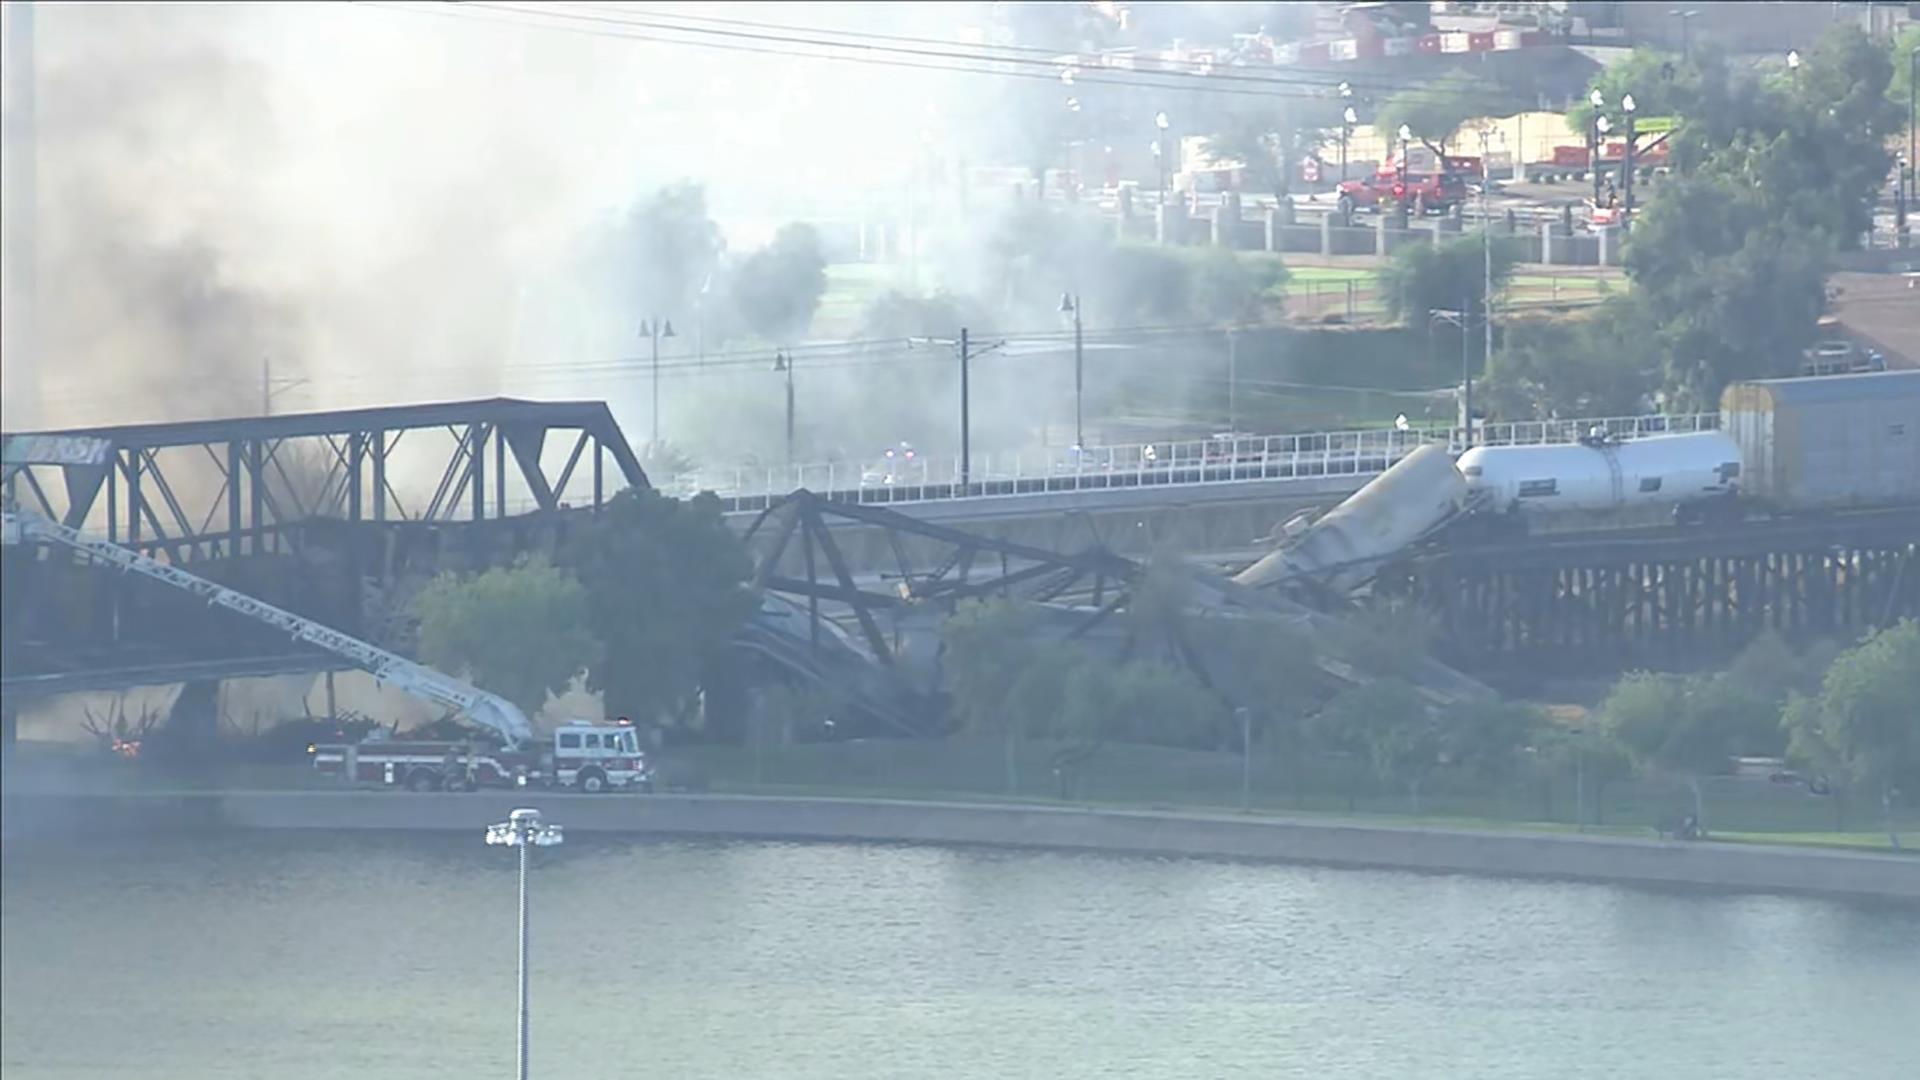 Bridge Partially Collapses Near Phoenix In Wake Of Massive Fire And Train Derailment